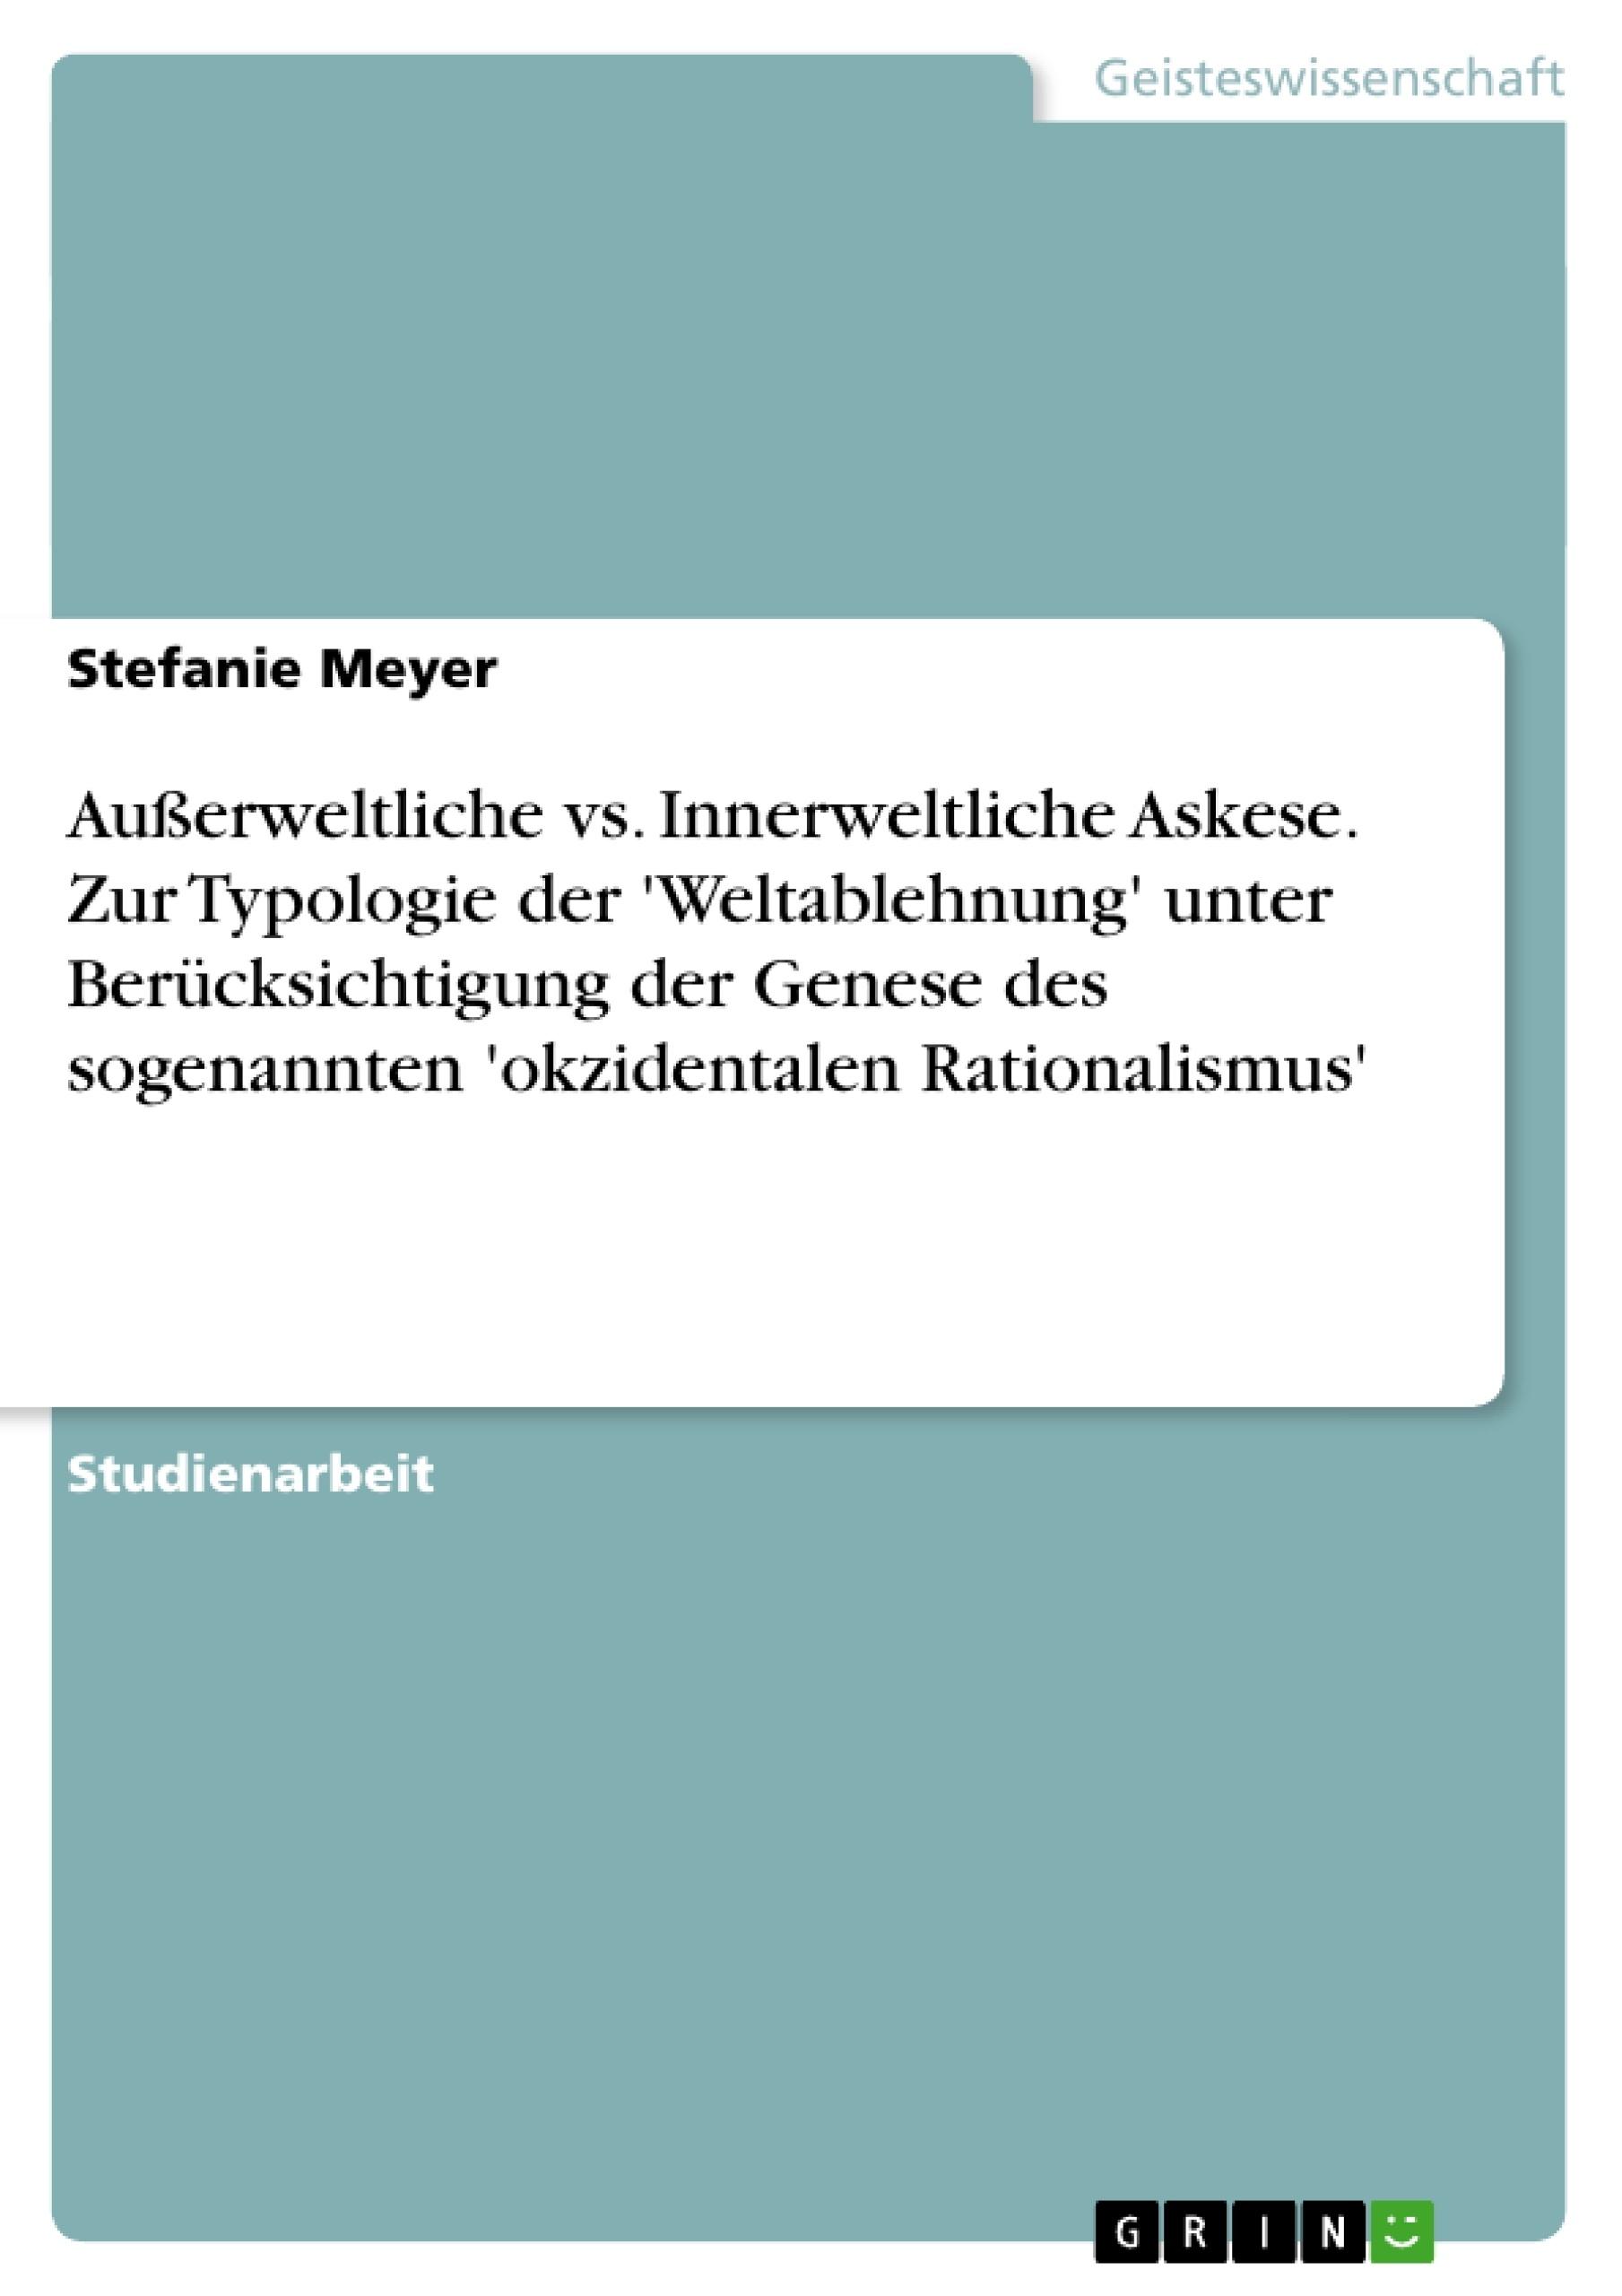 Titel: Außerweltliche vs. Innerweltliche Askese. Zur Typologie der 'Weltablehnung' unter Berücksichtigung der Genese des sogenannten 'okzidentalen Rationalismus'